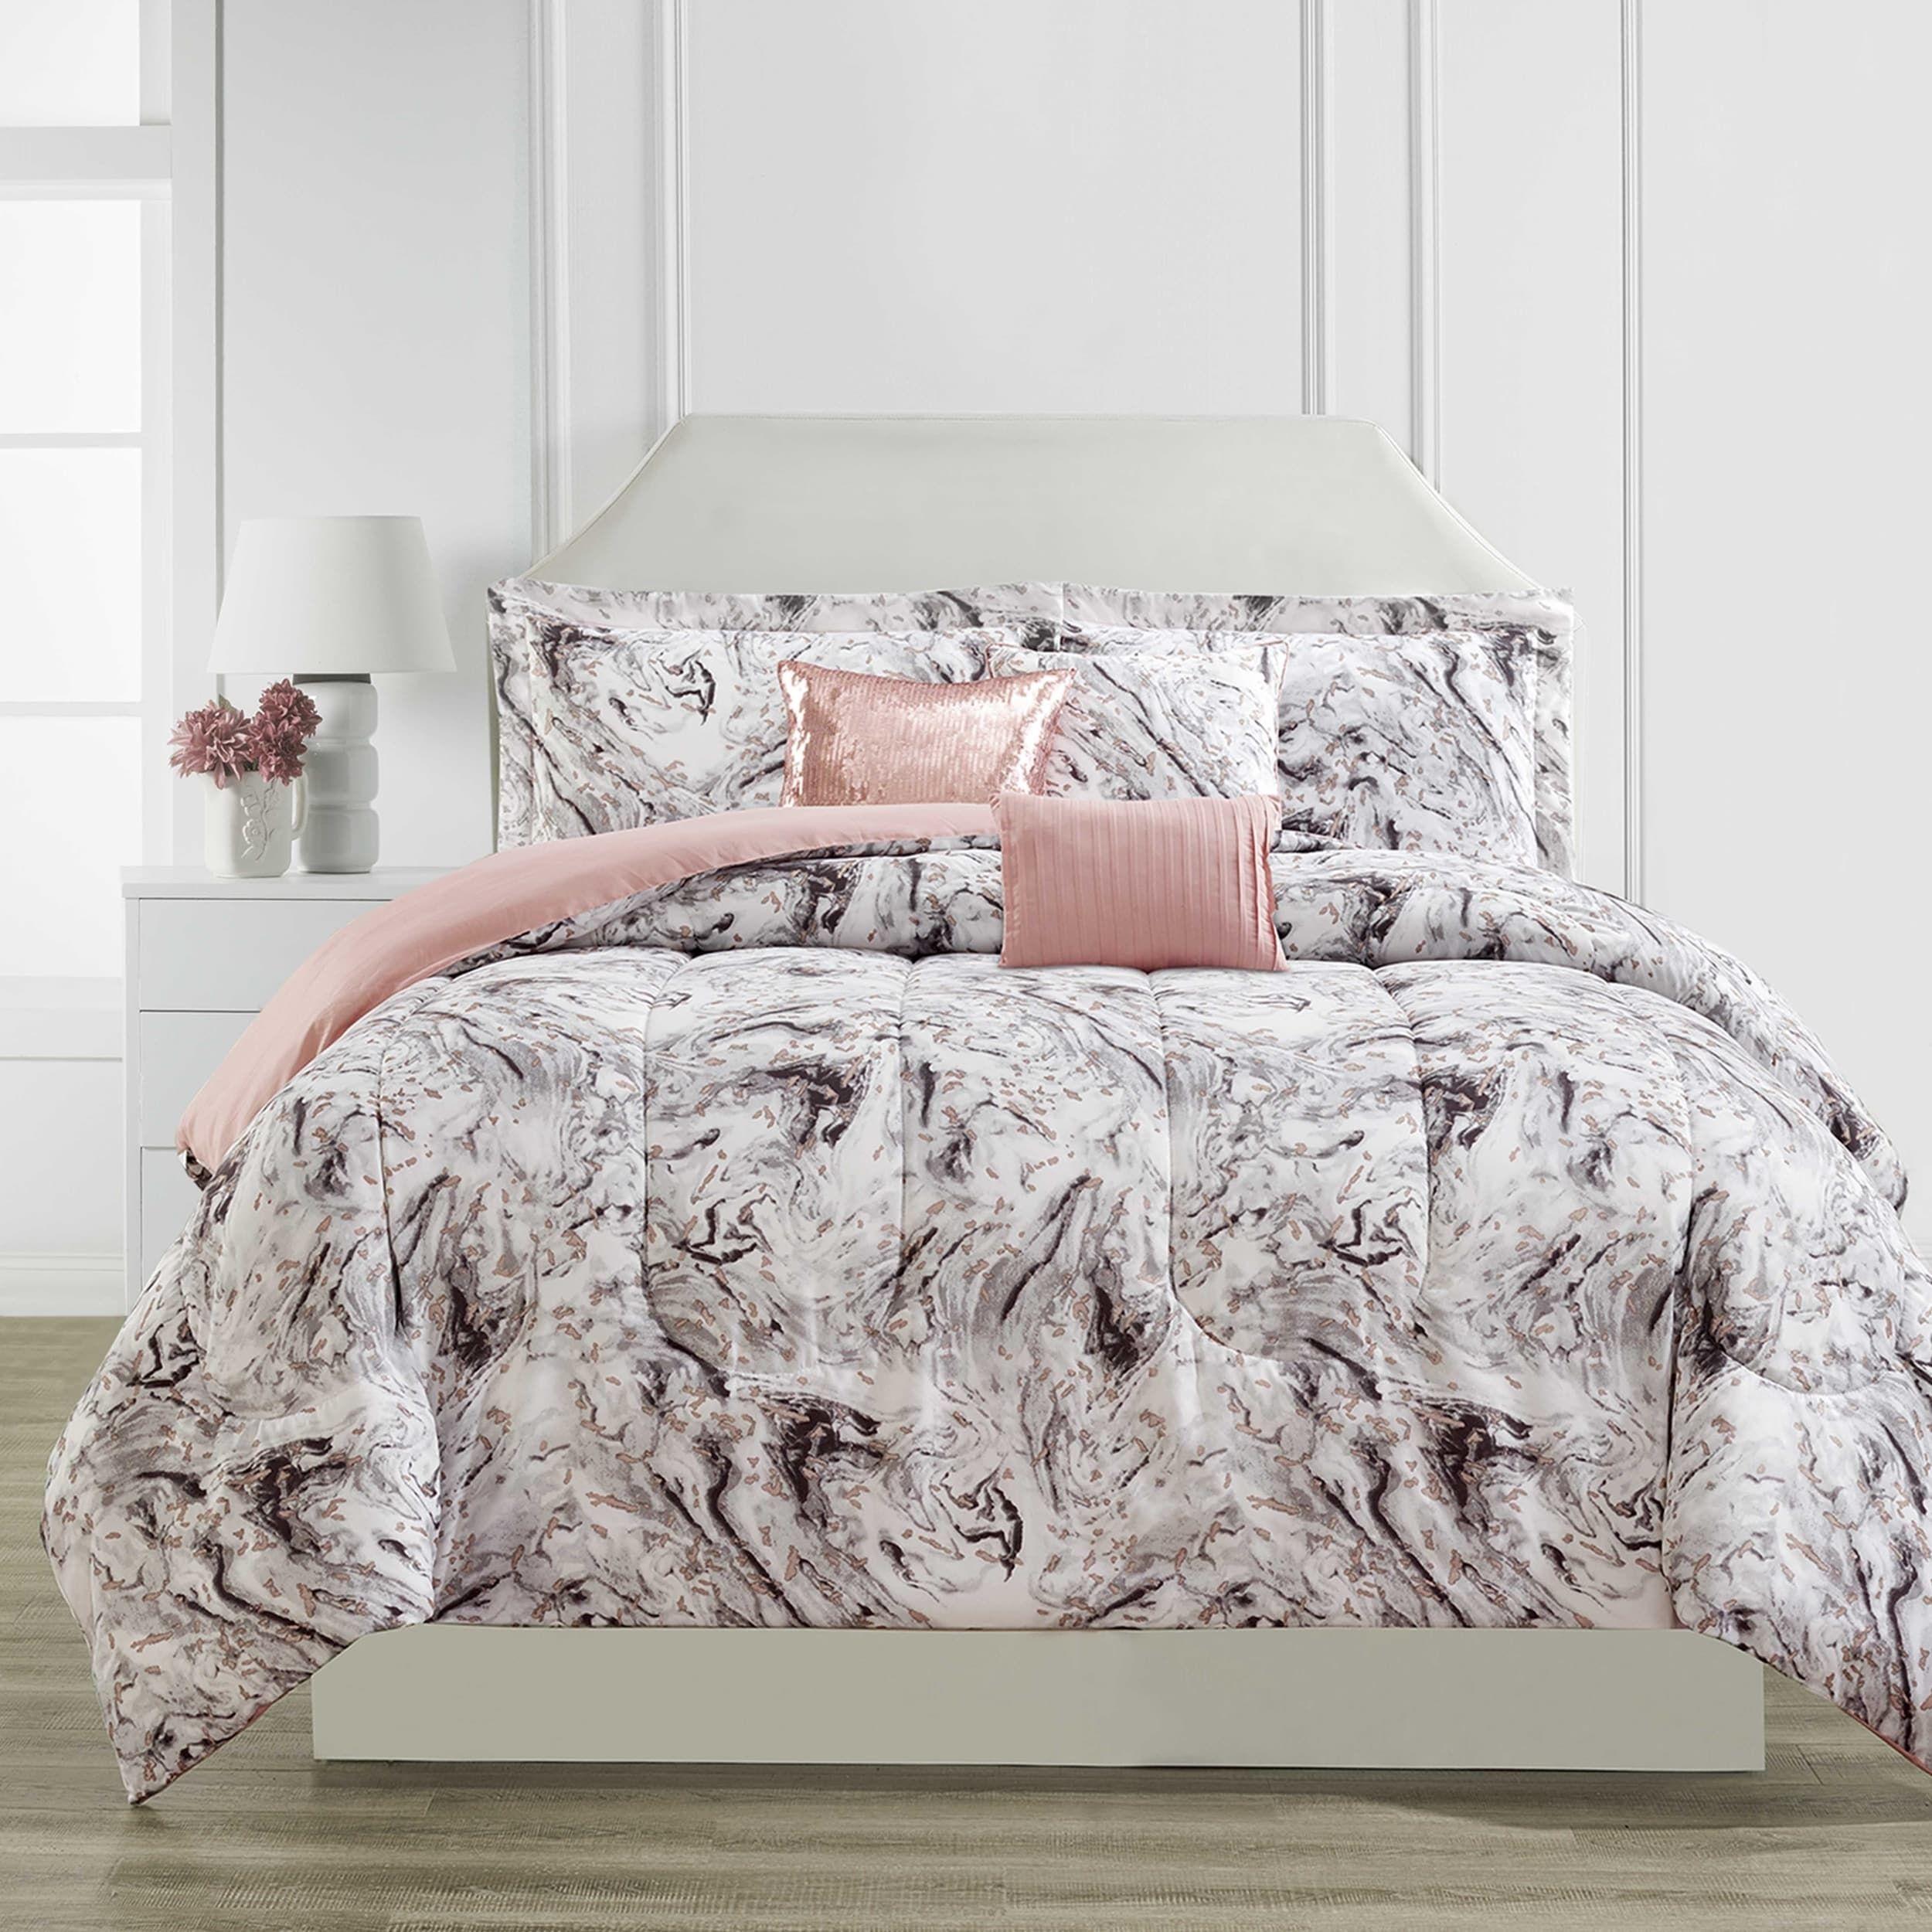 Cosmopolitan Marble 6 Piece Comforter Set Queen Grey Comforter Sets Bedding Sets Woman Bedroom